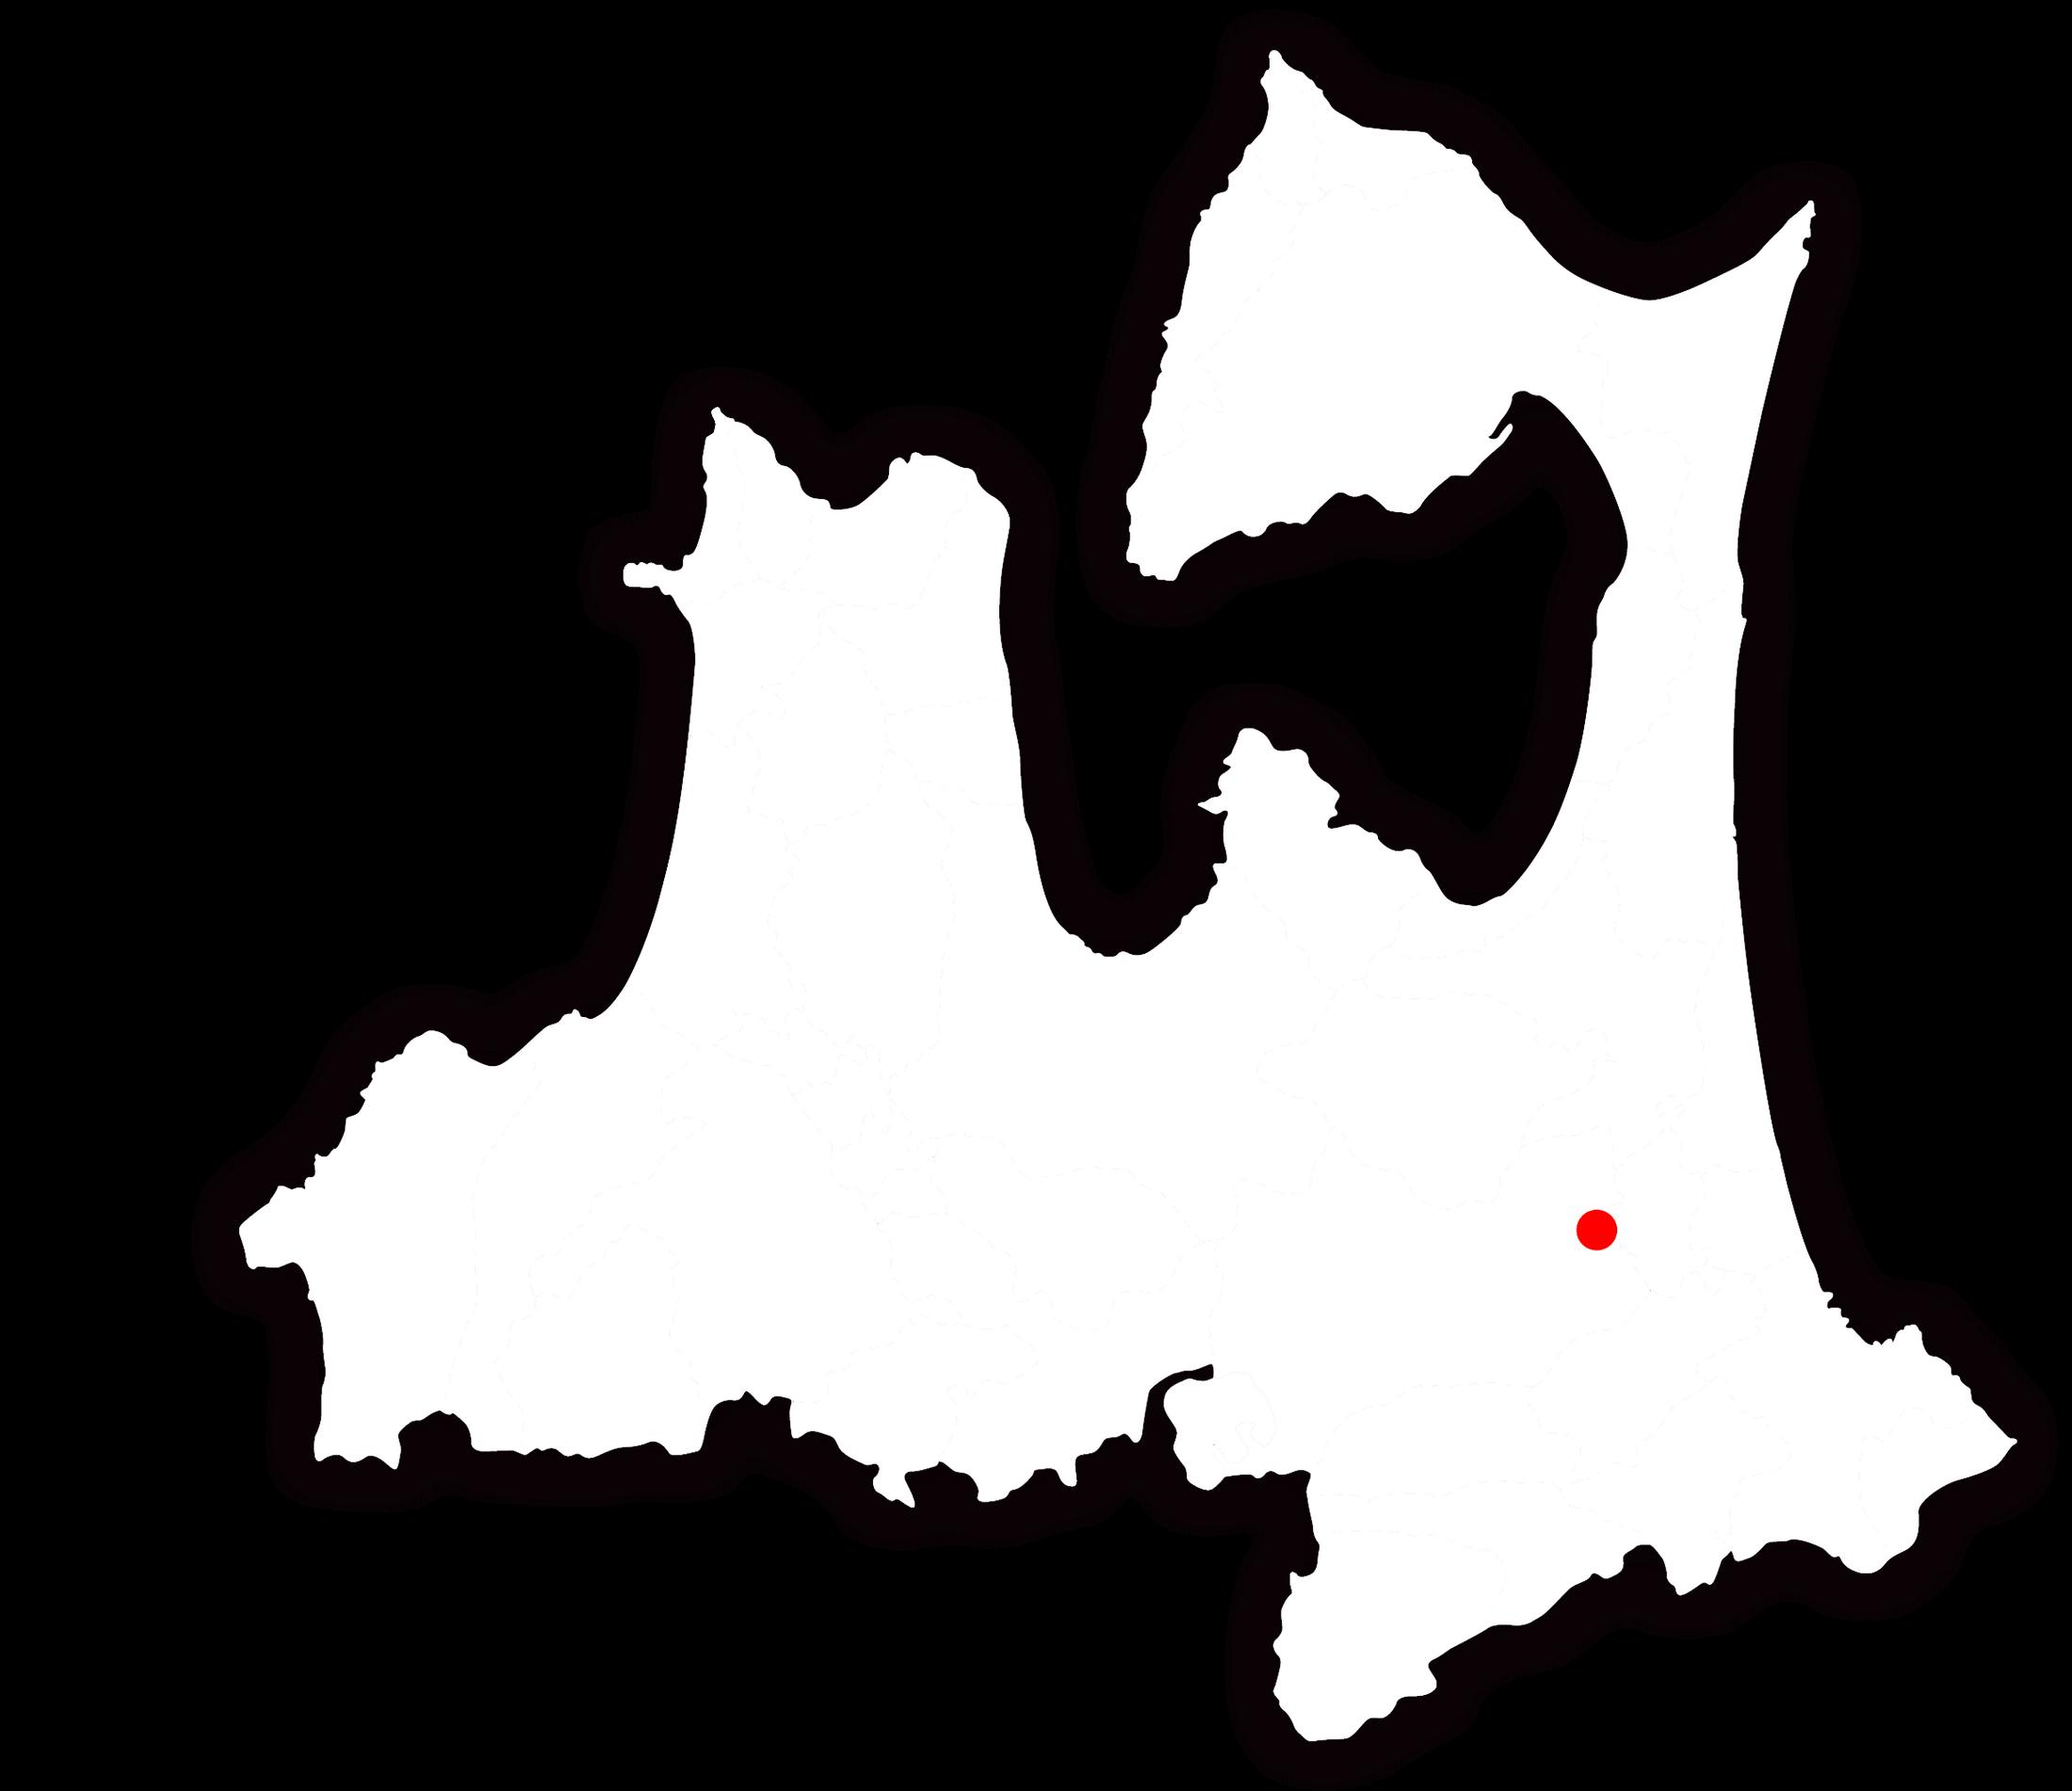 鳩正宗(鳩正宗株式会社)青森県